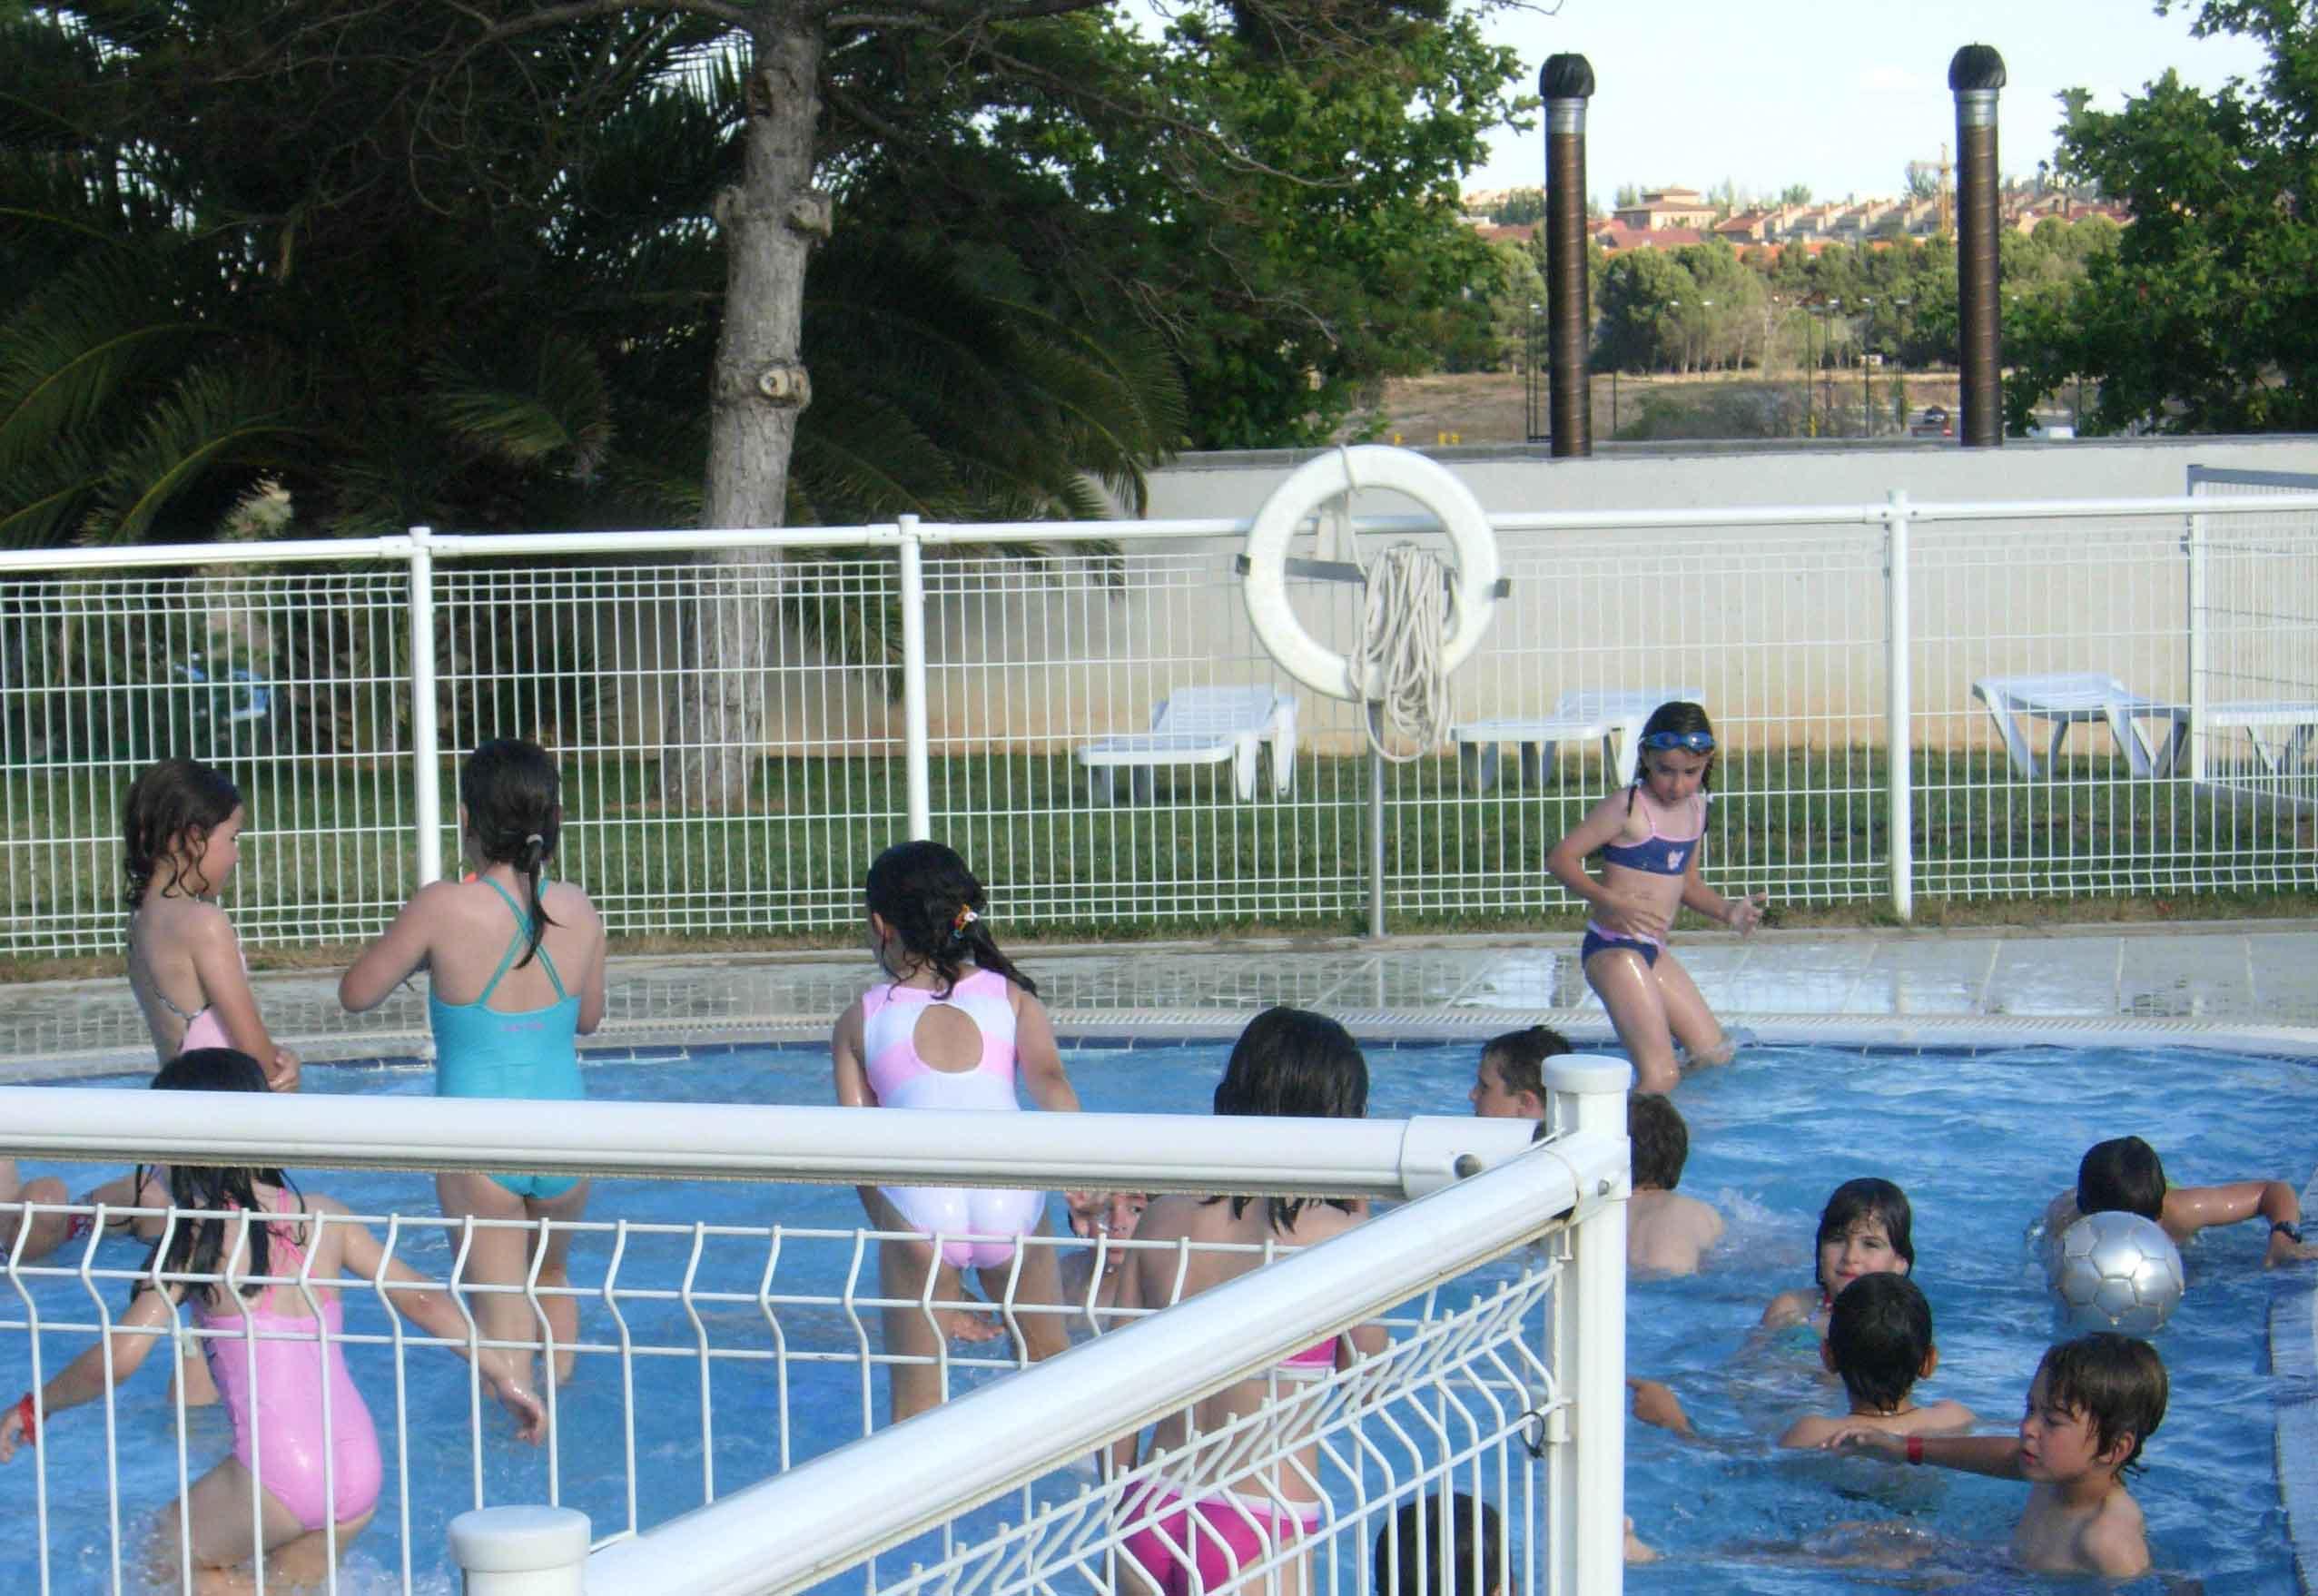 Campus de verano en El Camping de Zaragoza